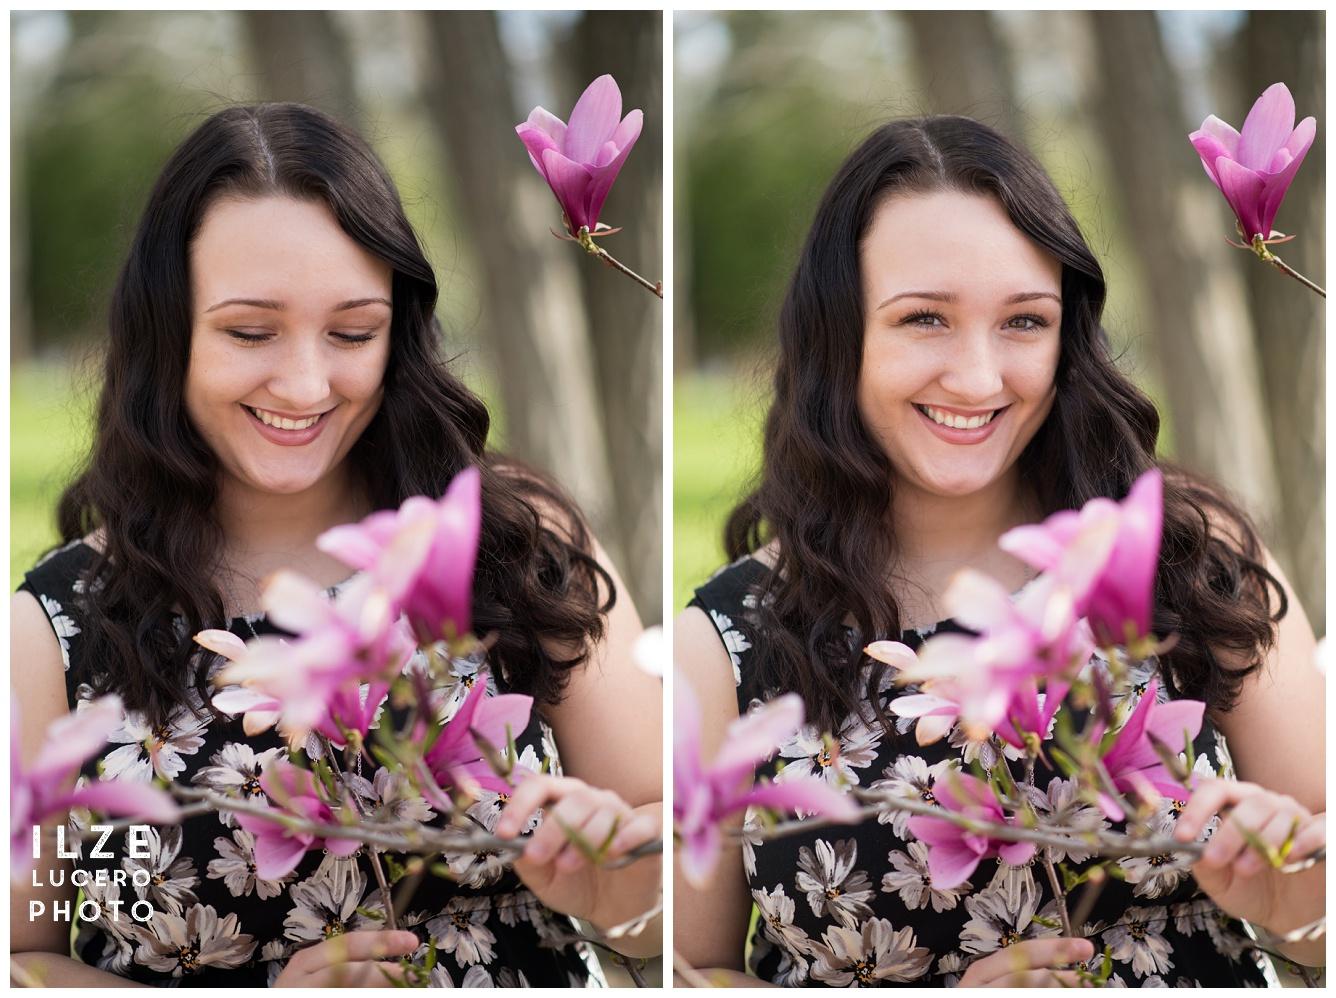 Magnolia Clarkston Senior Photo Session